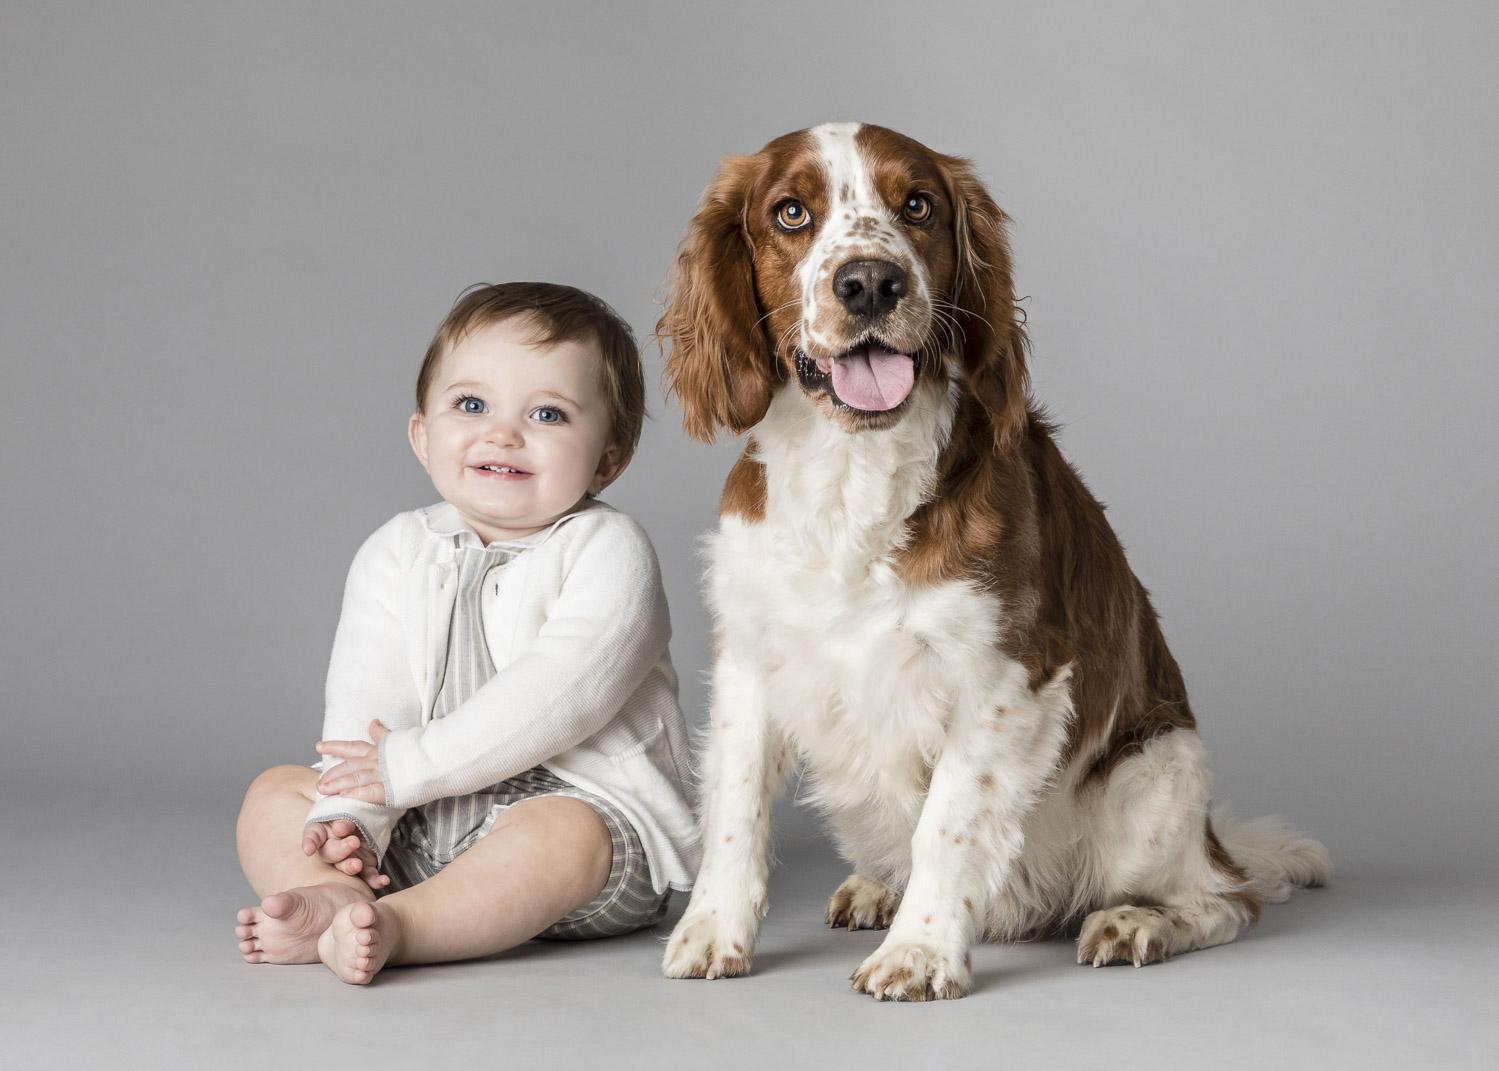 BabyPhotography-7.jpg